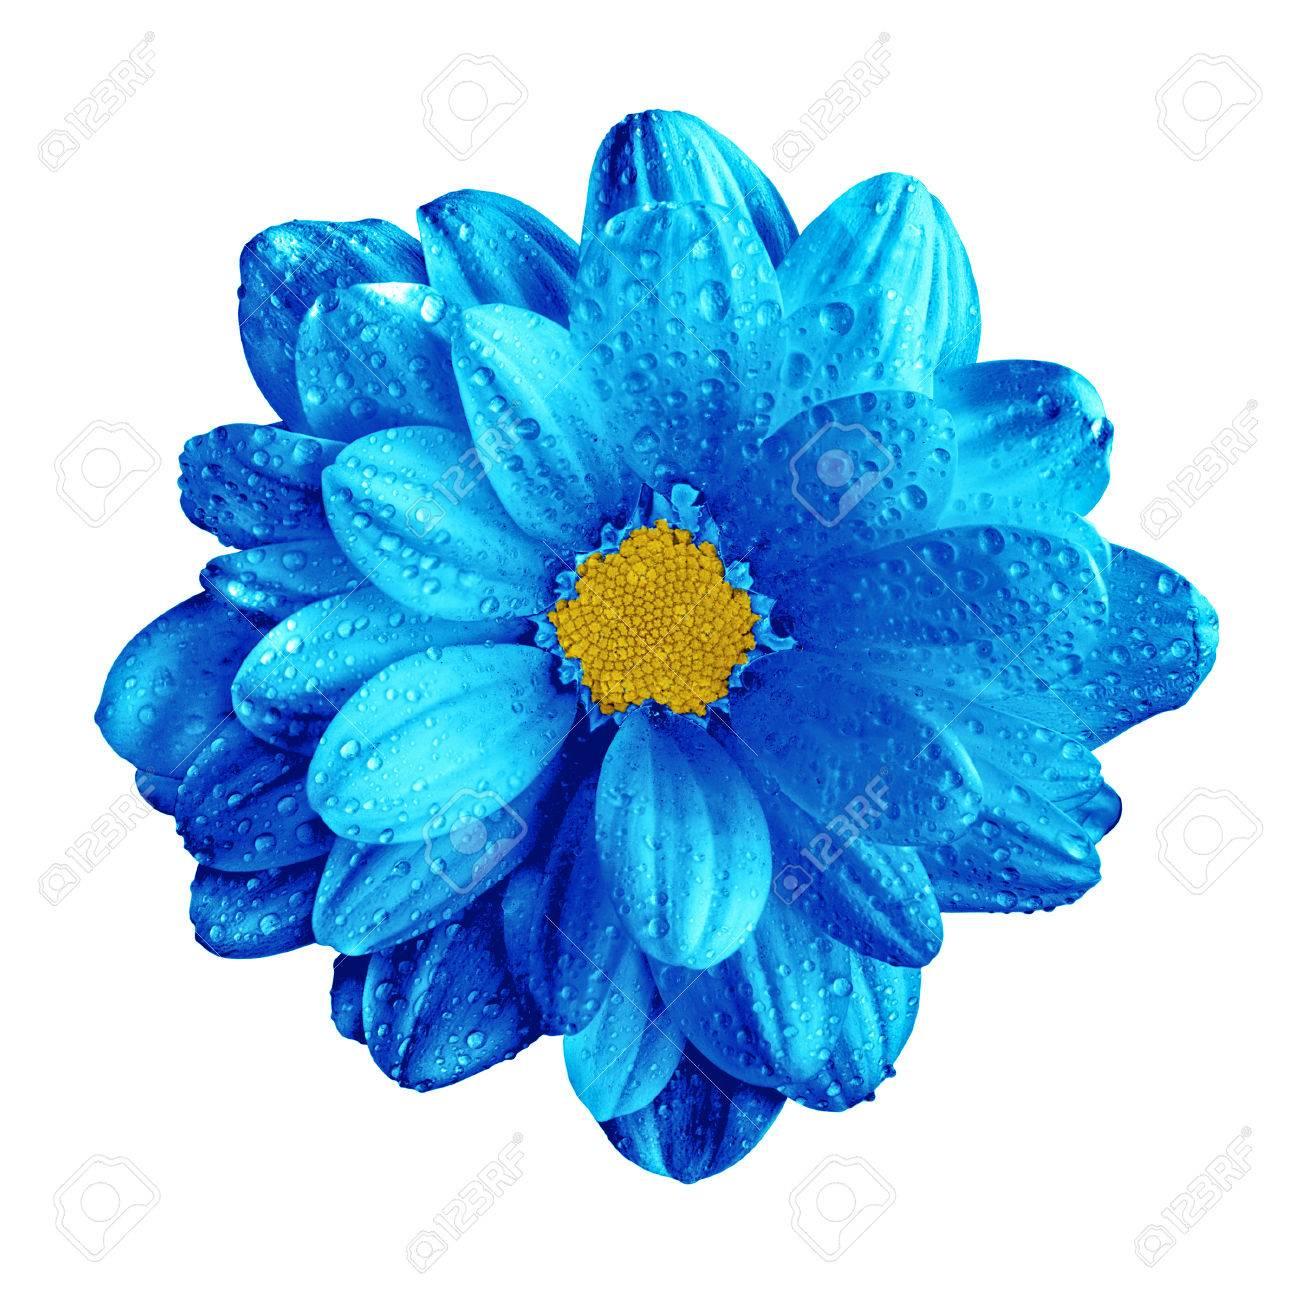 Macro De Fleur De Gerbera Bleu Fonce Chrome Surrealiste Isole Sur